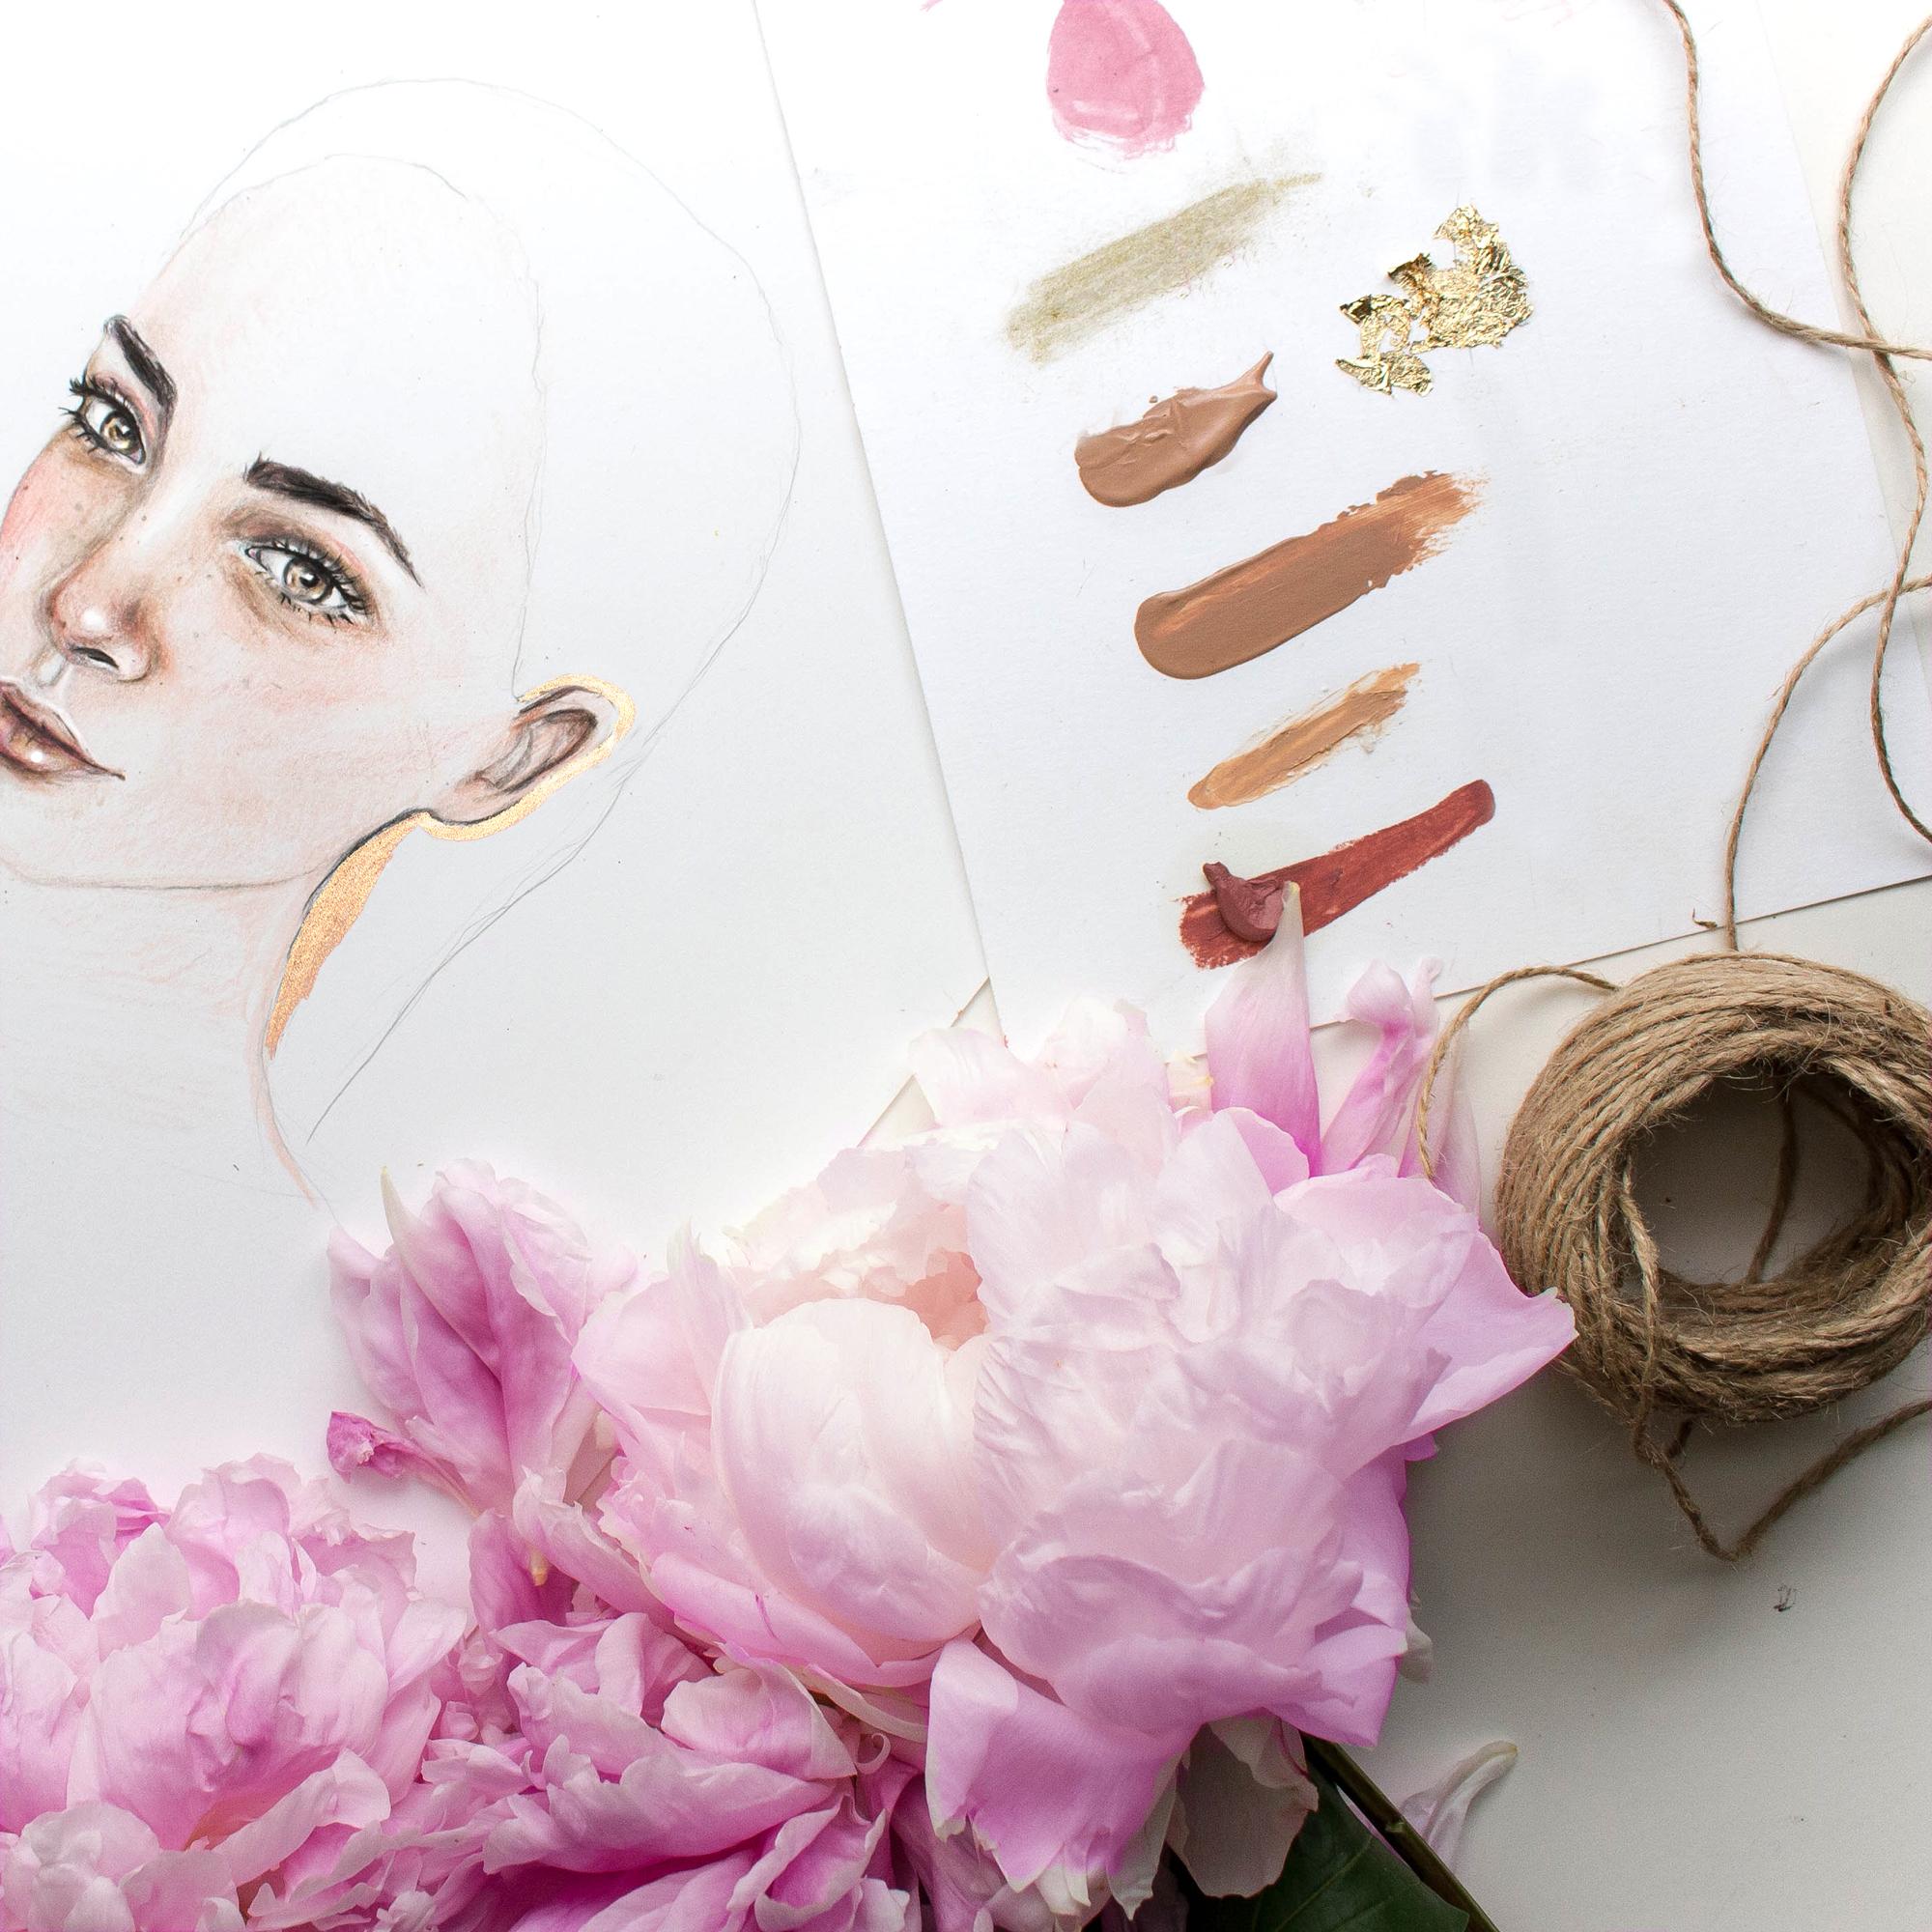 Aisha Jade Fashion / Beauty Illustration